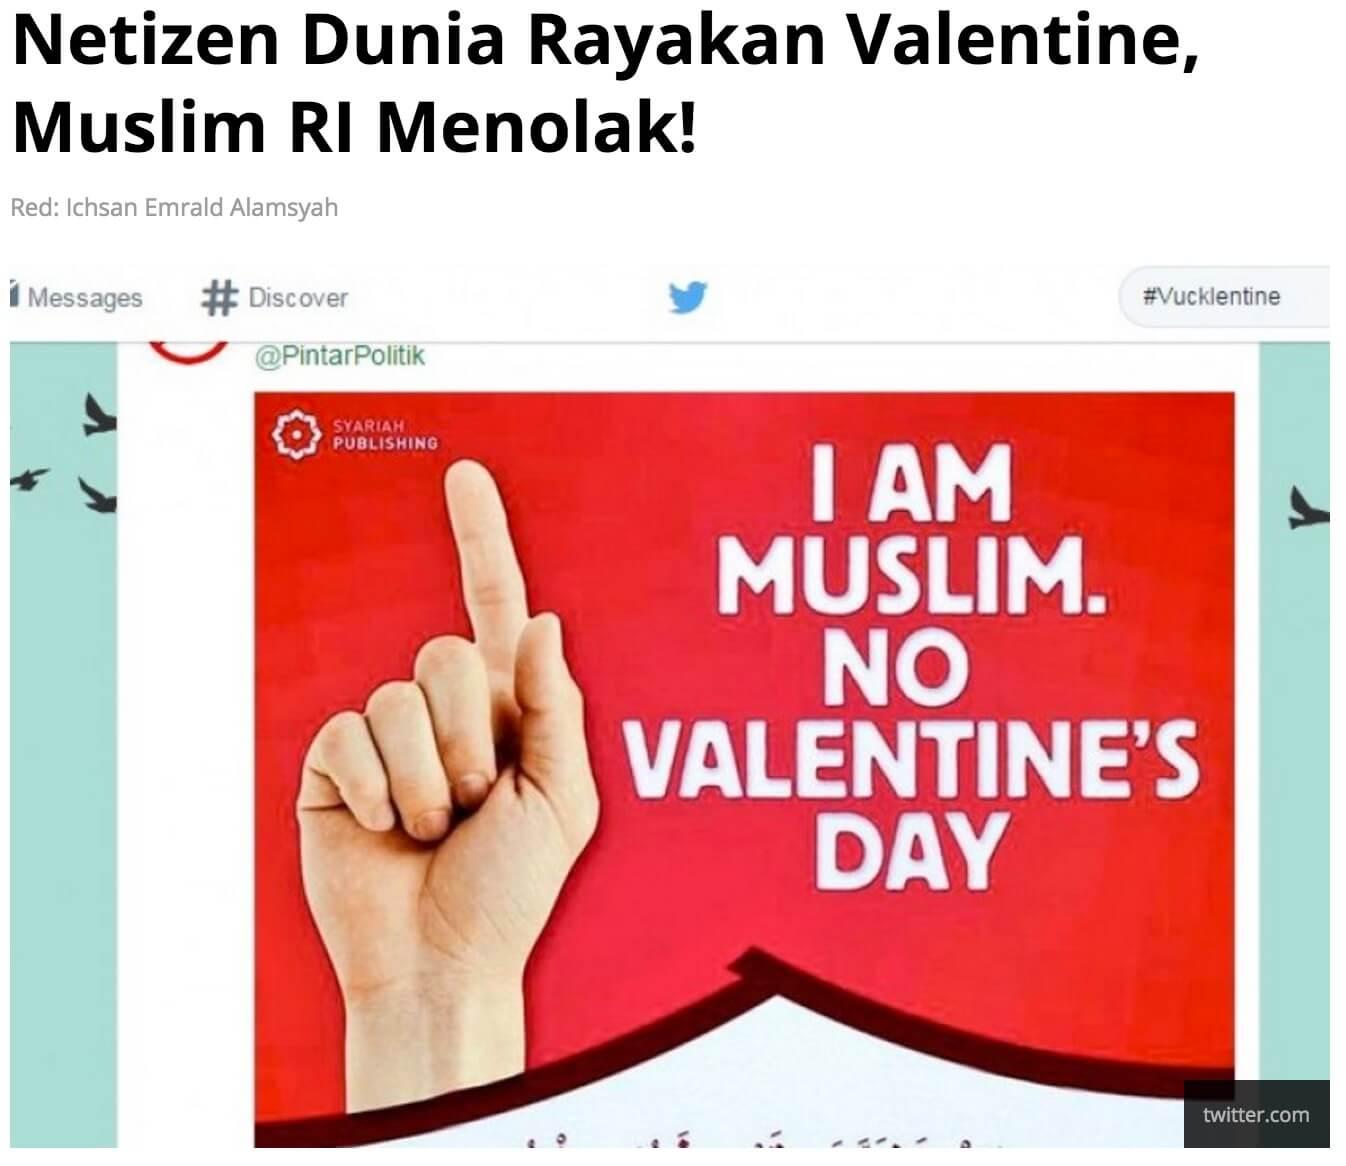 「ネティズンには、バレンタインを祝う人もいれば、拒否するインドネシアのイスラムもいる」とのRepublika Onlineの2015年記事より